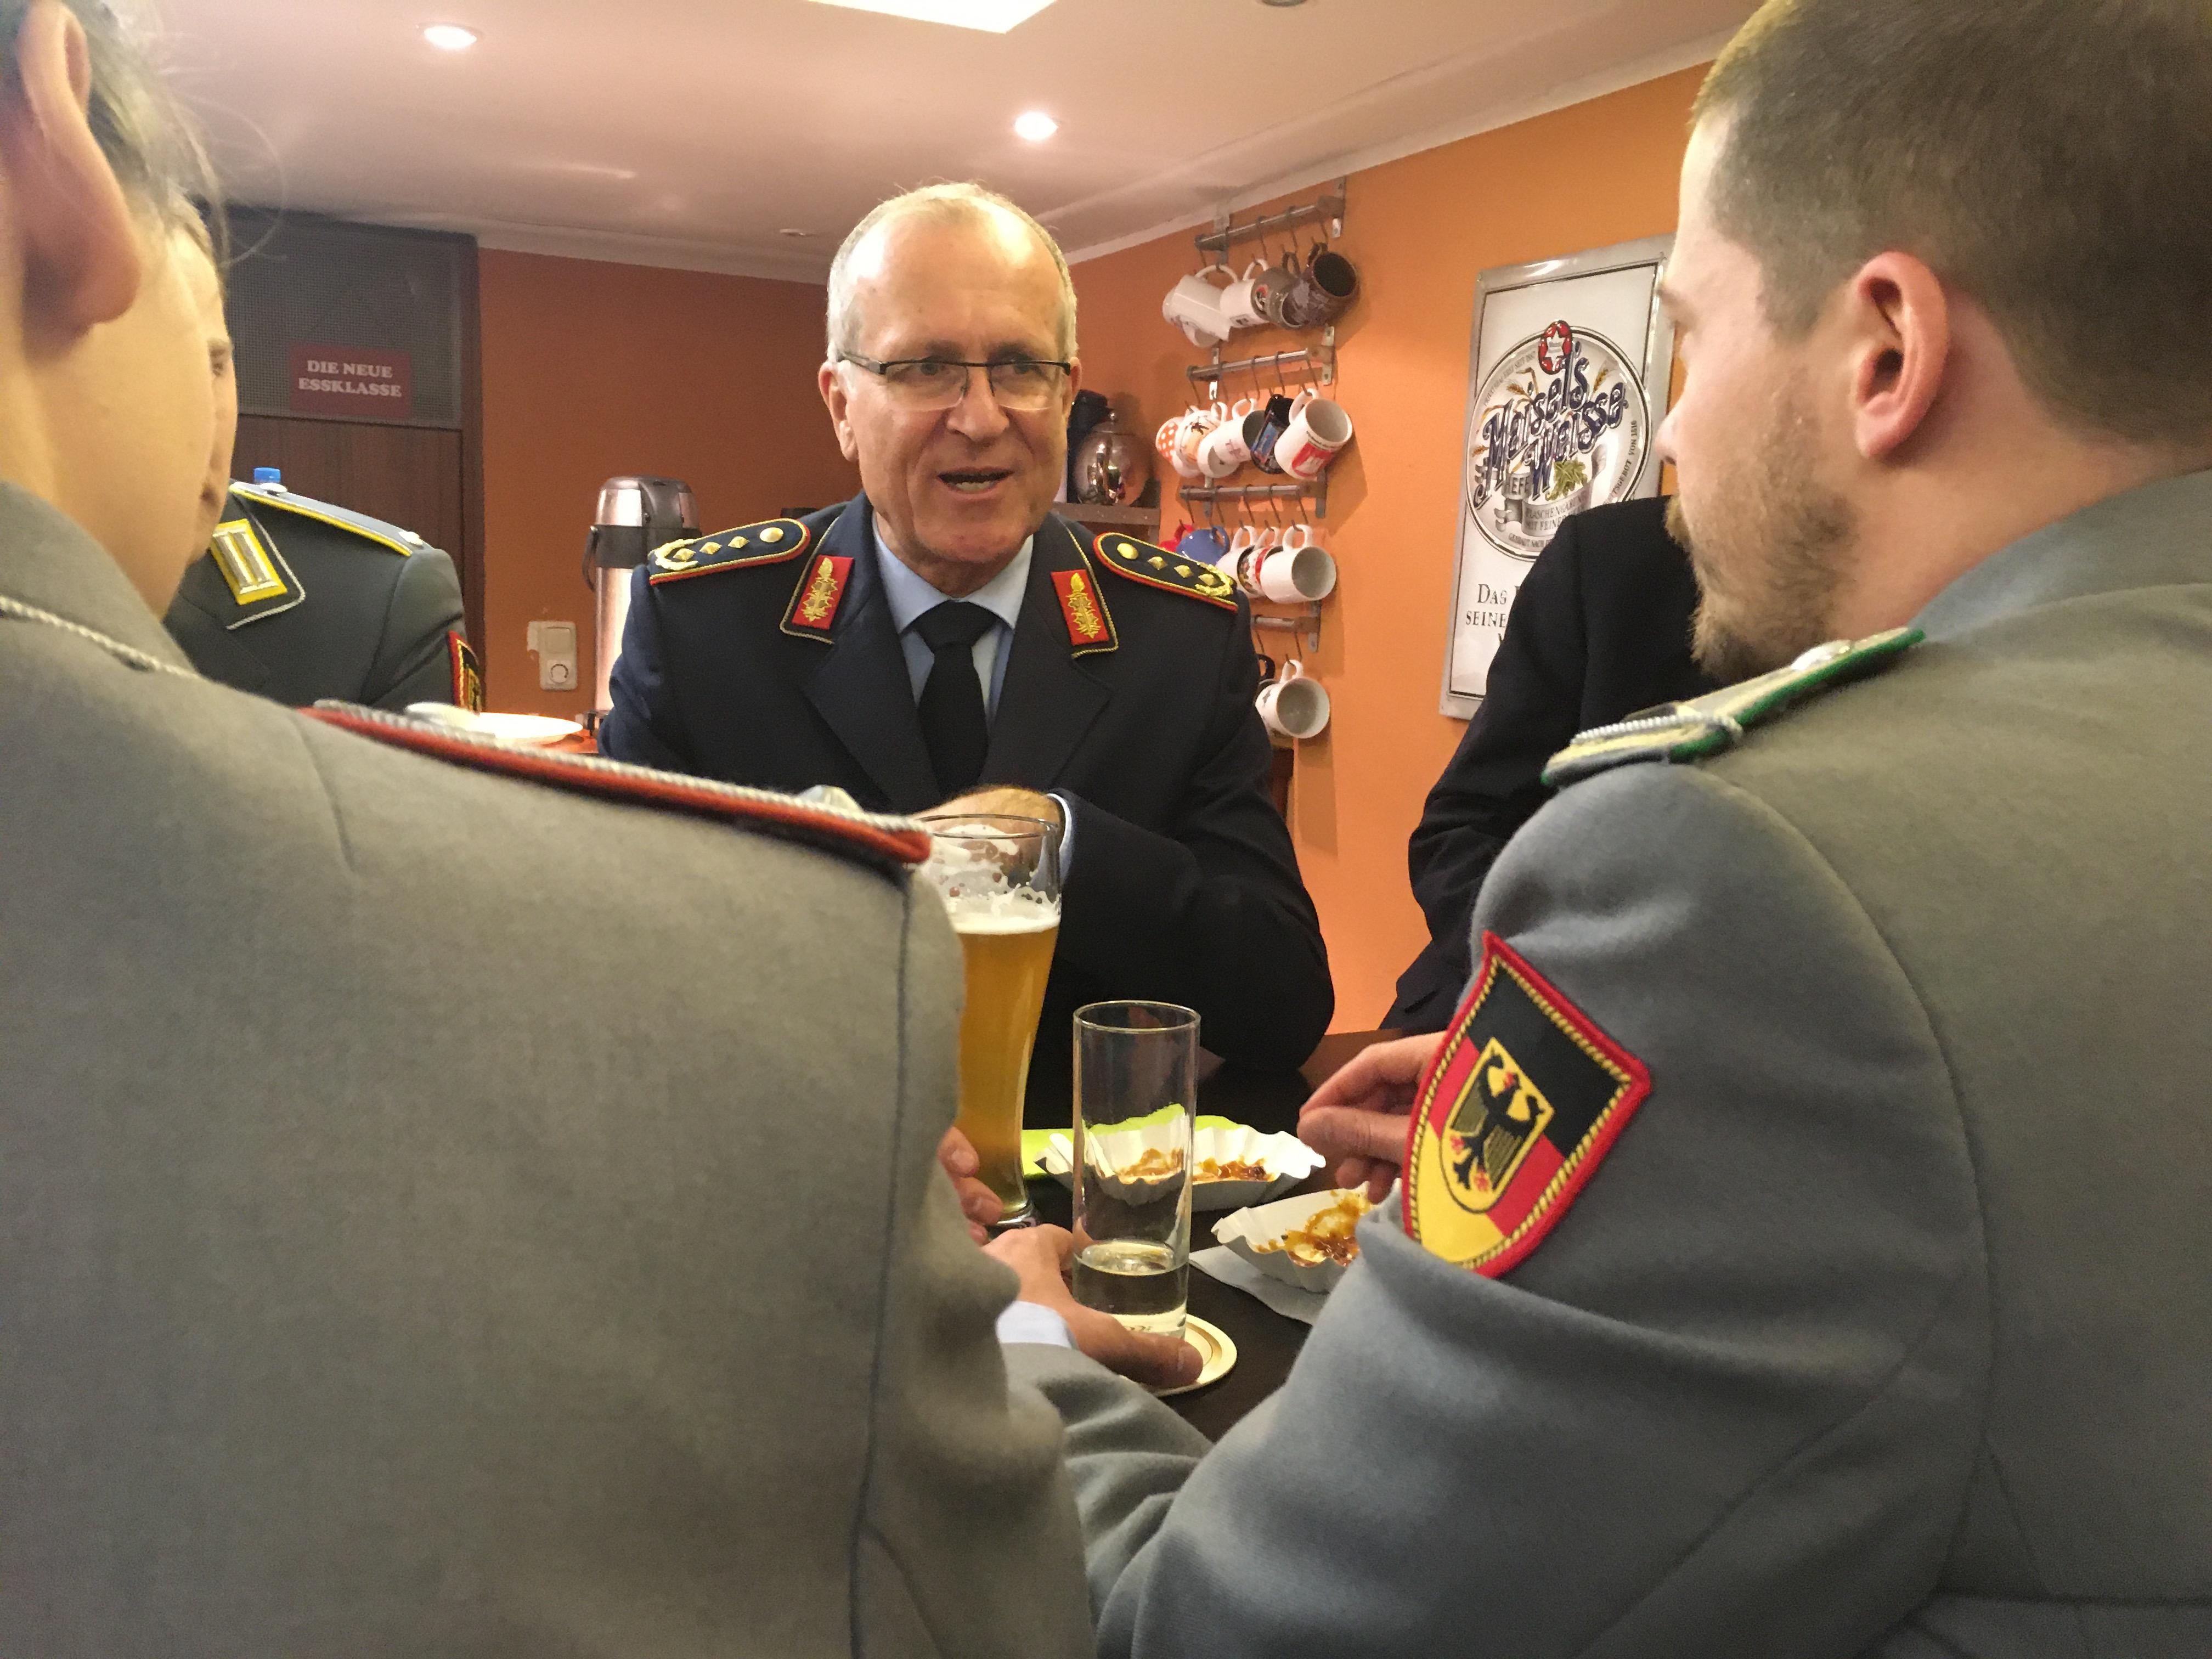 Offiziere in Heeresuniform, dazwischen ein General in Luftwaffenuniform.